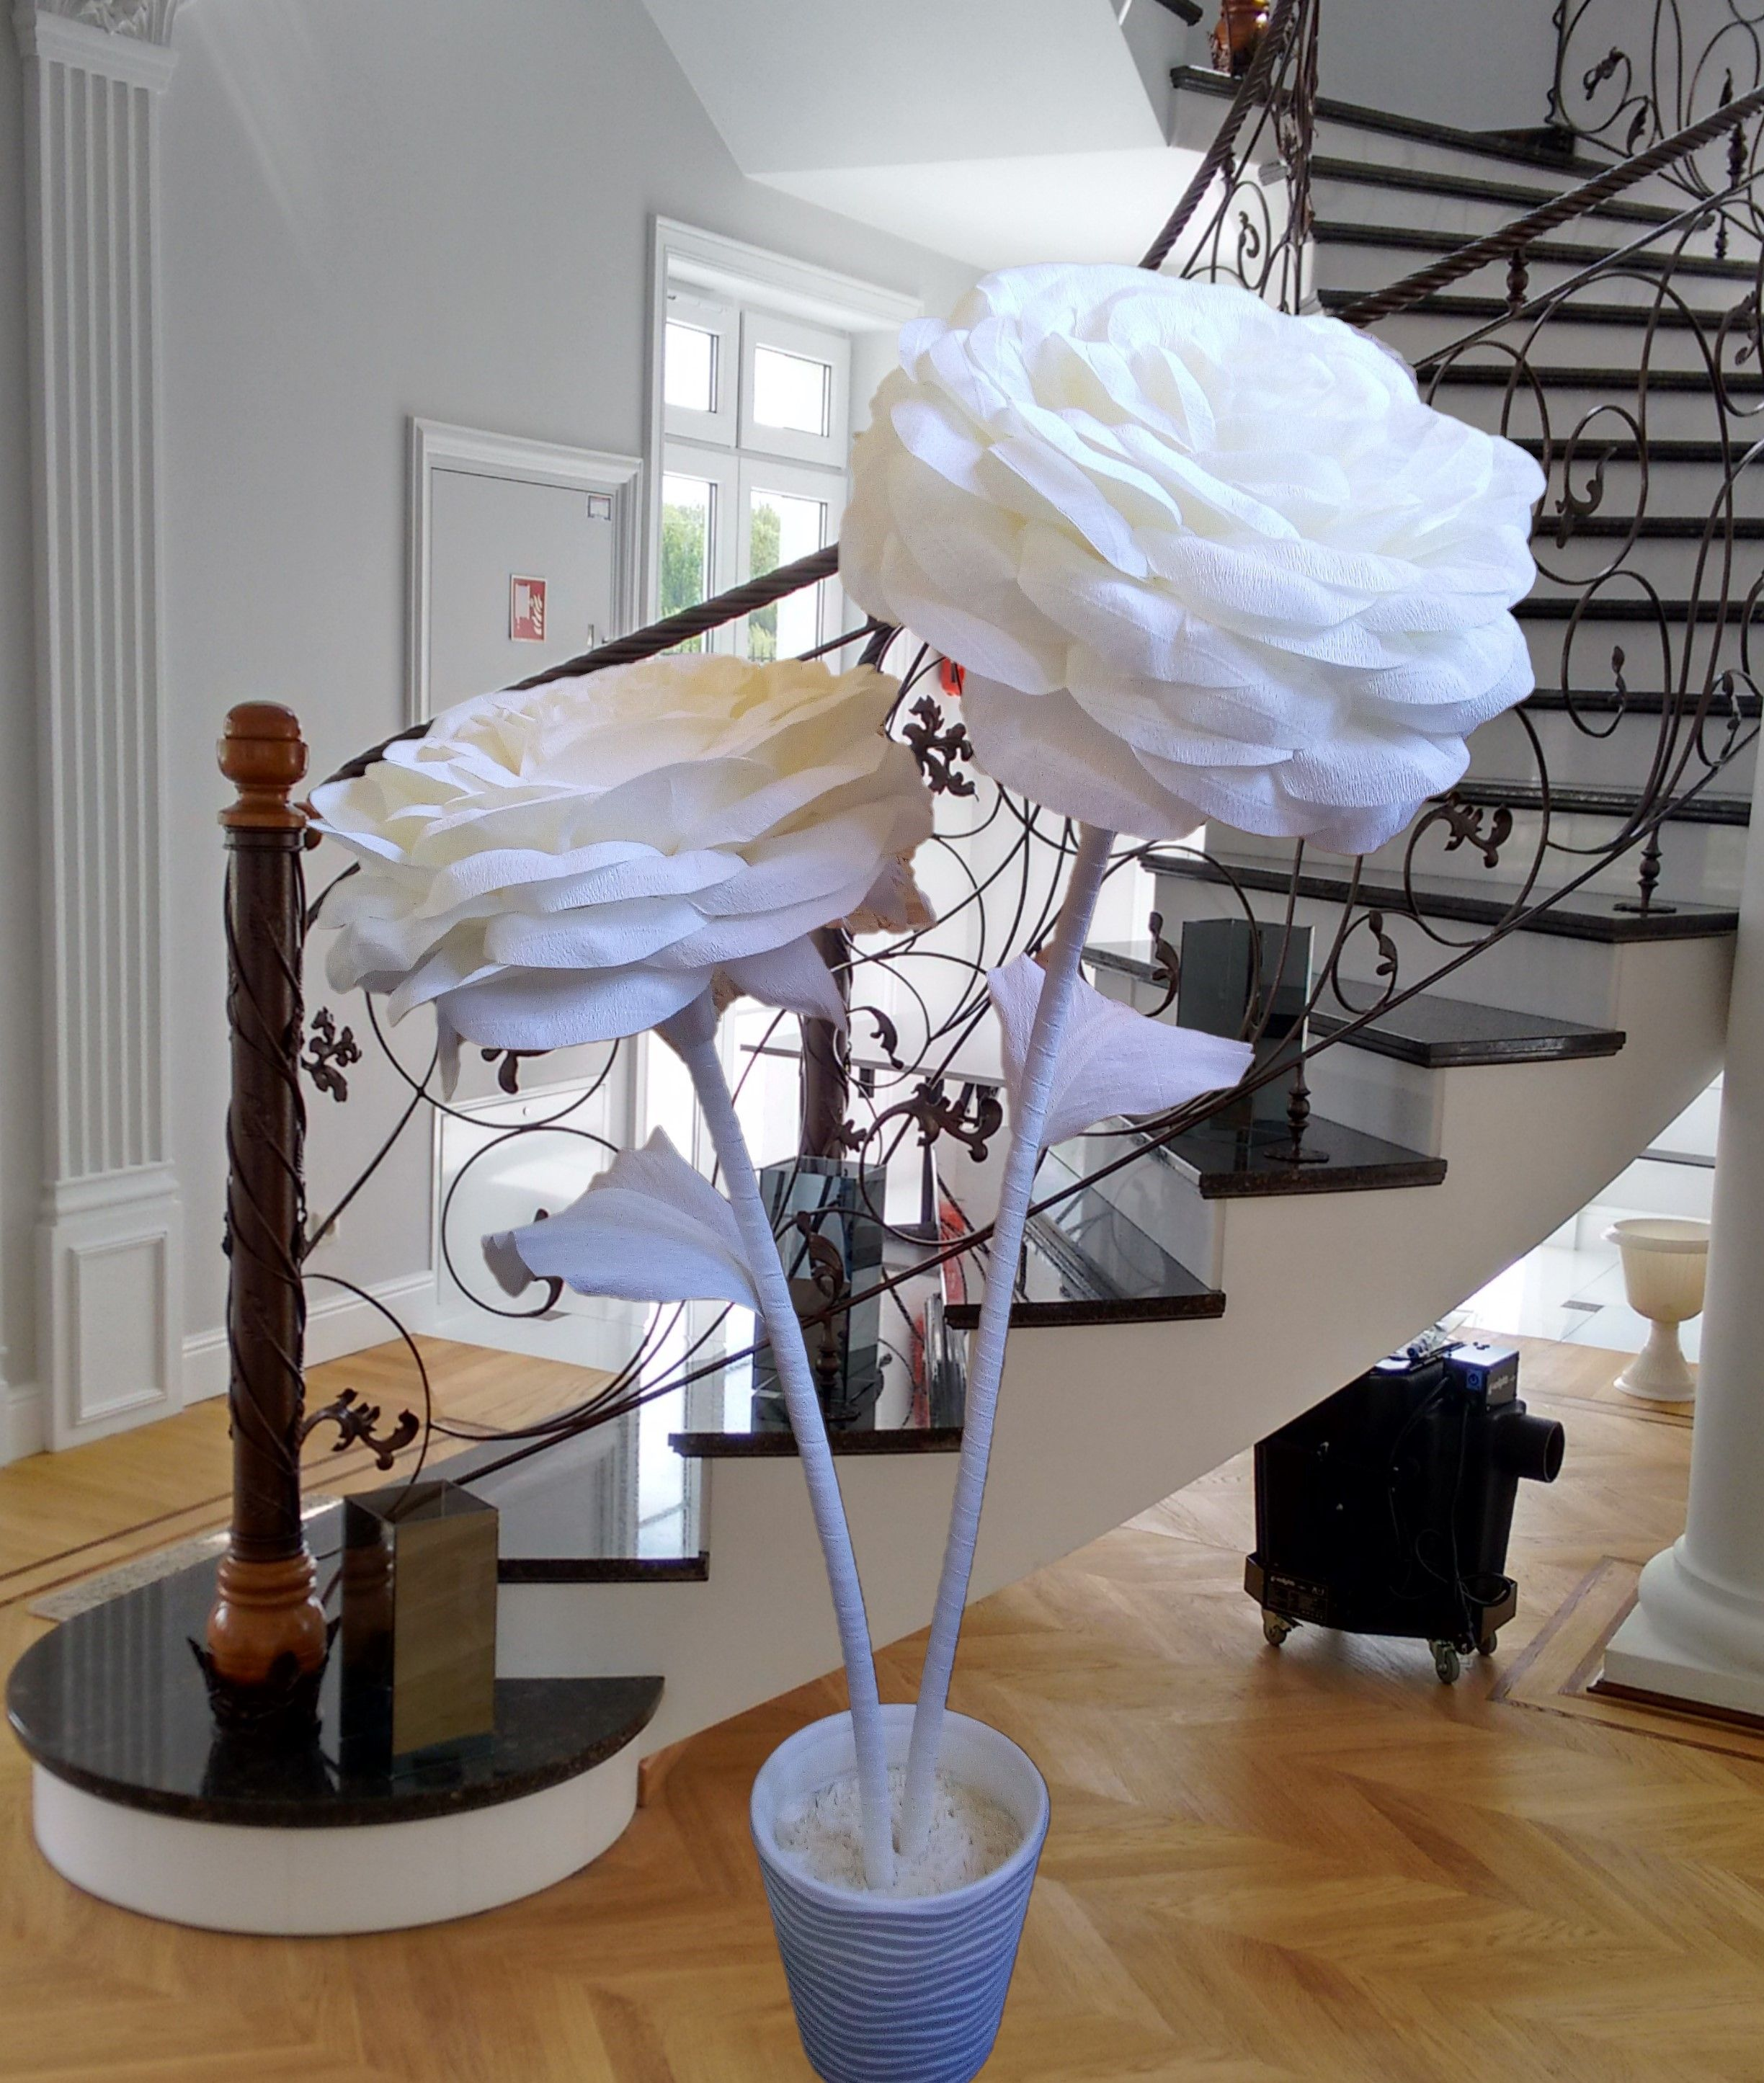 Giant Flowers Kwiaty Giganty Wielkie Kwiaty Crepe Flowers Decor Giant Flowers Home Decor